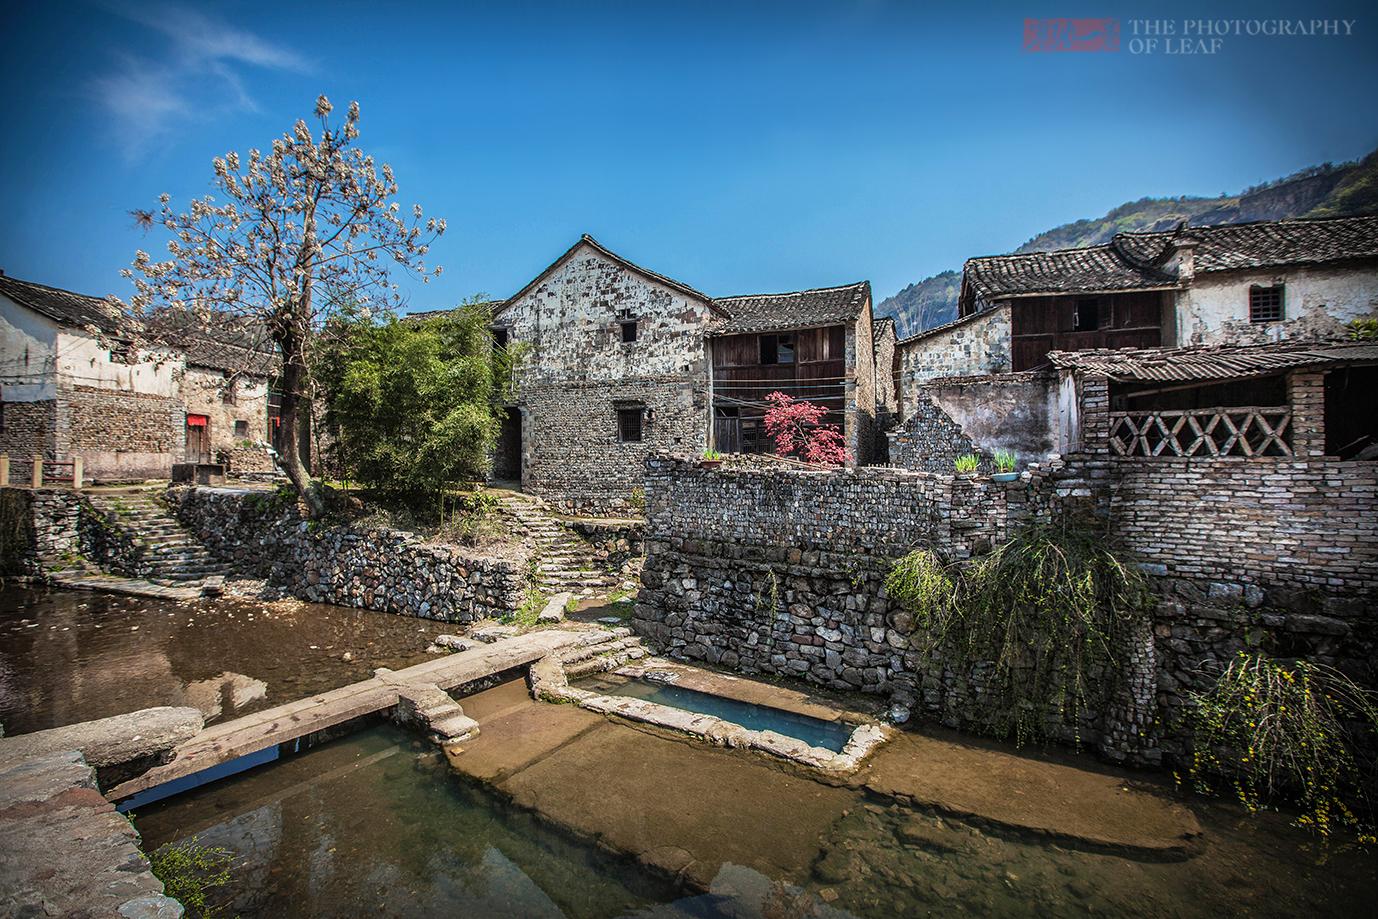 小山村800年未遭洪水,村中建明暗两溪,浩大地下工程令专家无解